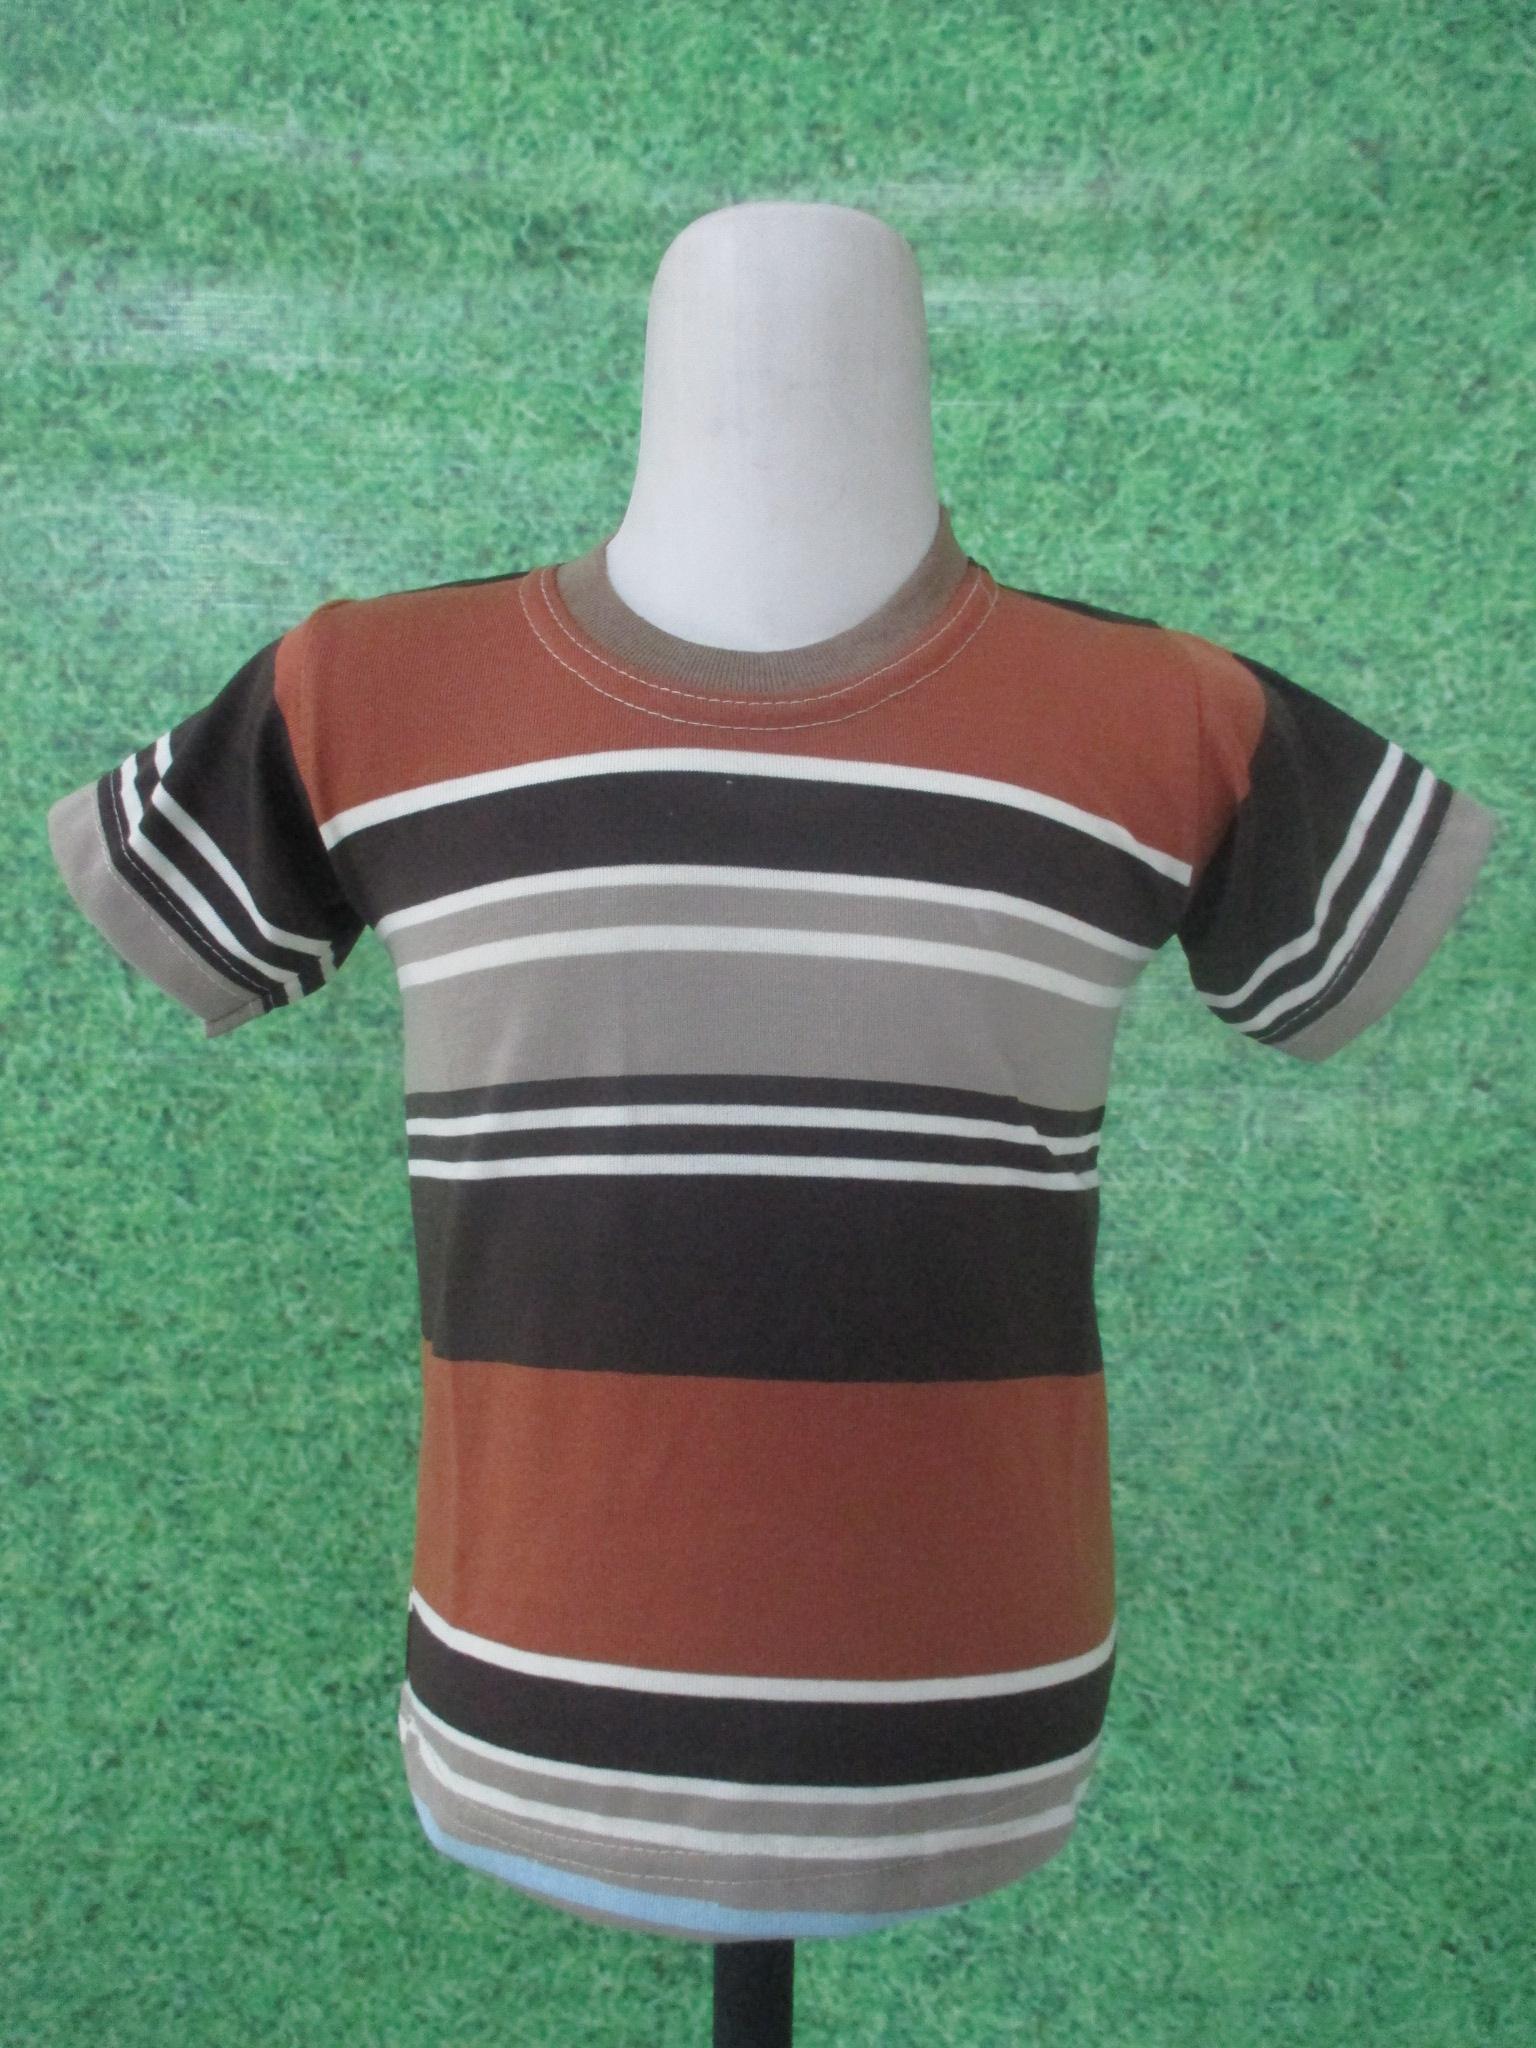 ObralanBaju.com Obral Baju Pakaian Murah Meriah 5000 Kaos Belang